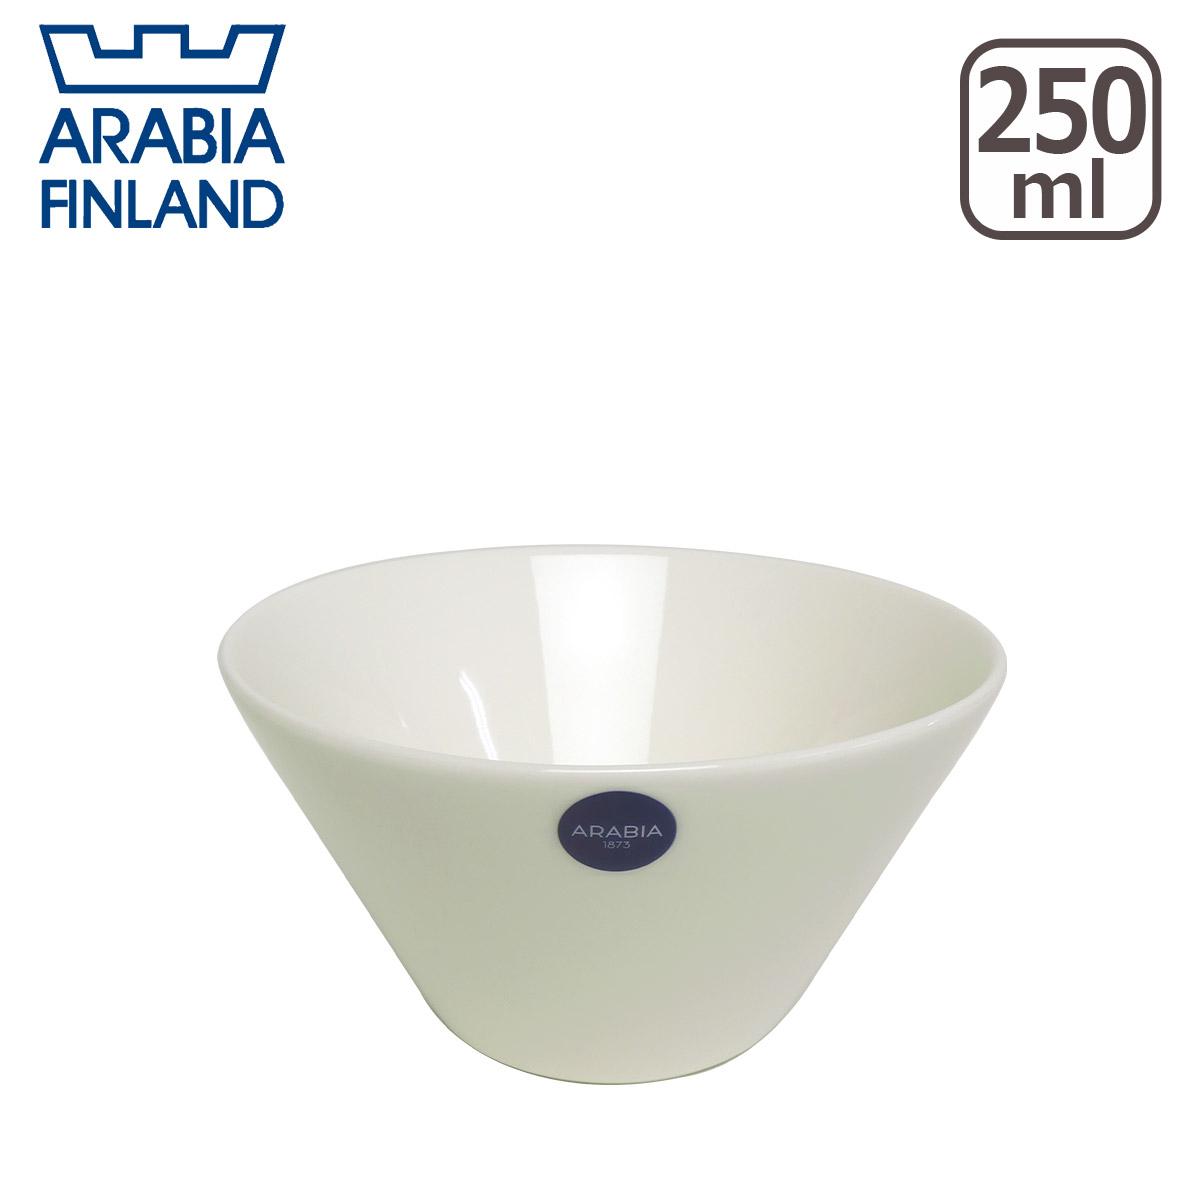 【Max1,000円OFFクーポン】 アラビア(Arabia) ココ(koko) ボウル 250ml ホワイト 北欧 フィンランド 食器 Arabia 食器洗い機 対応 ギフト・のし可